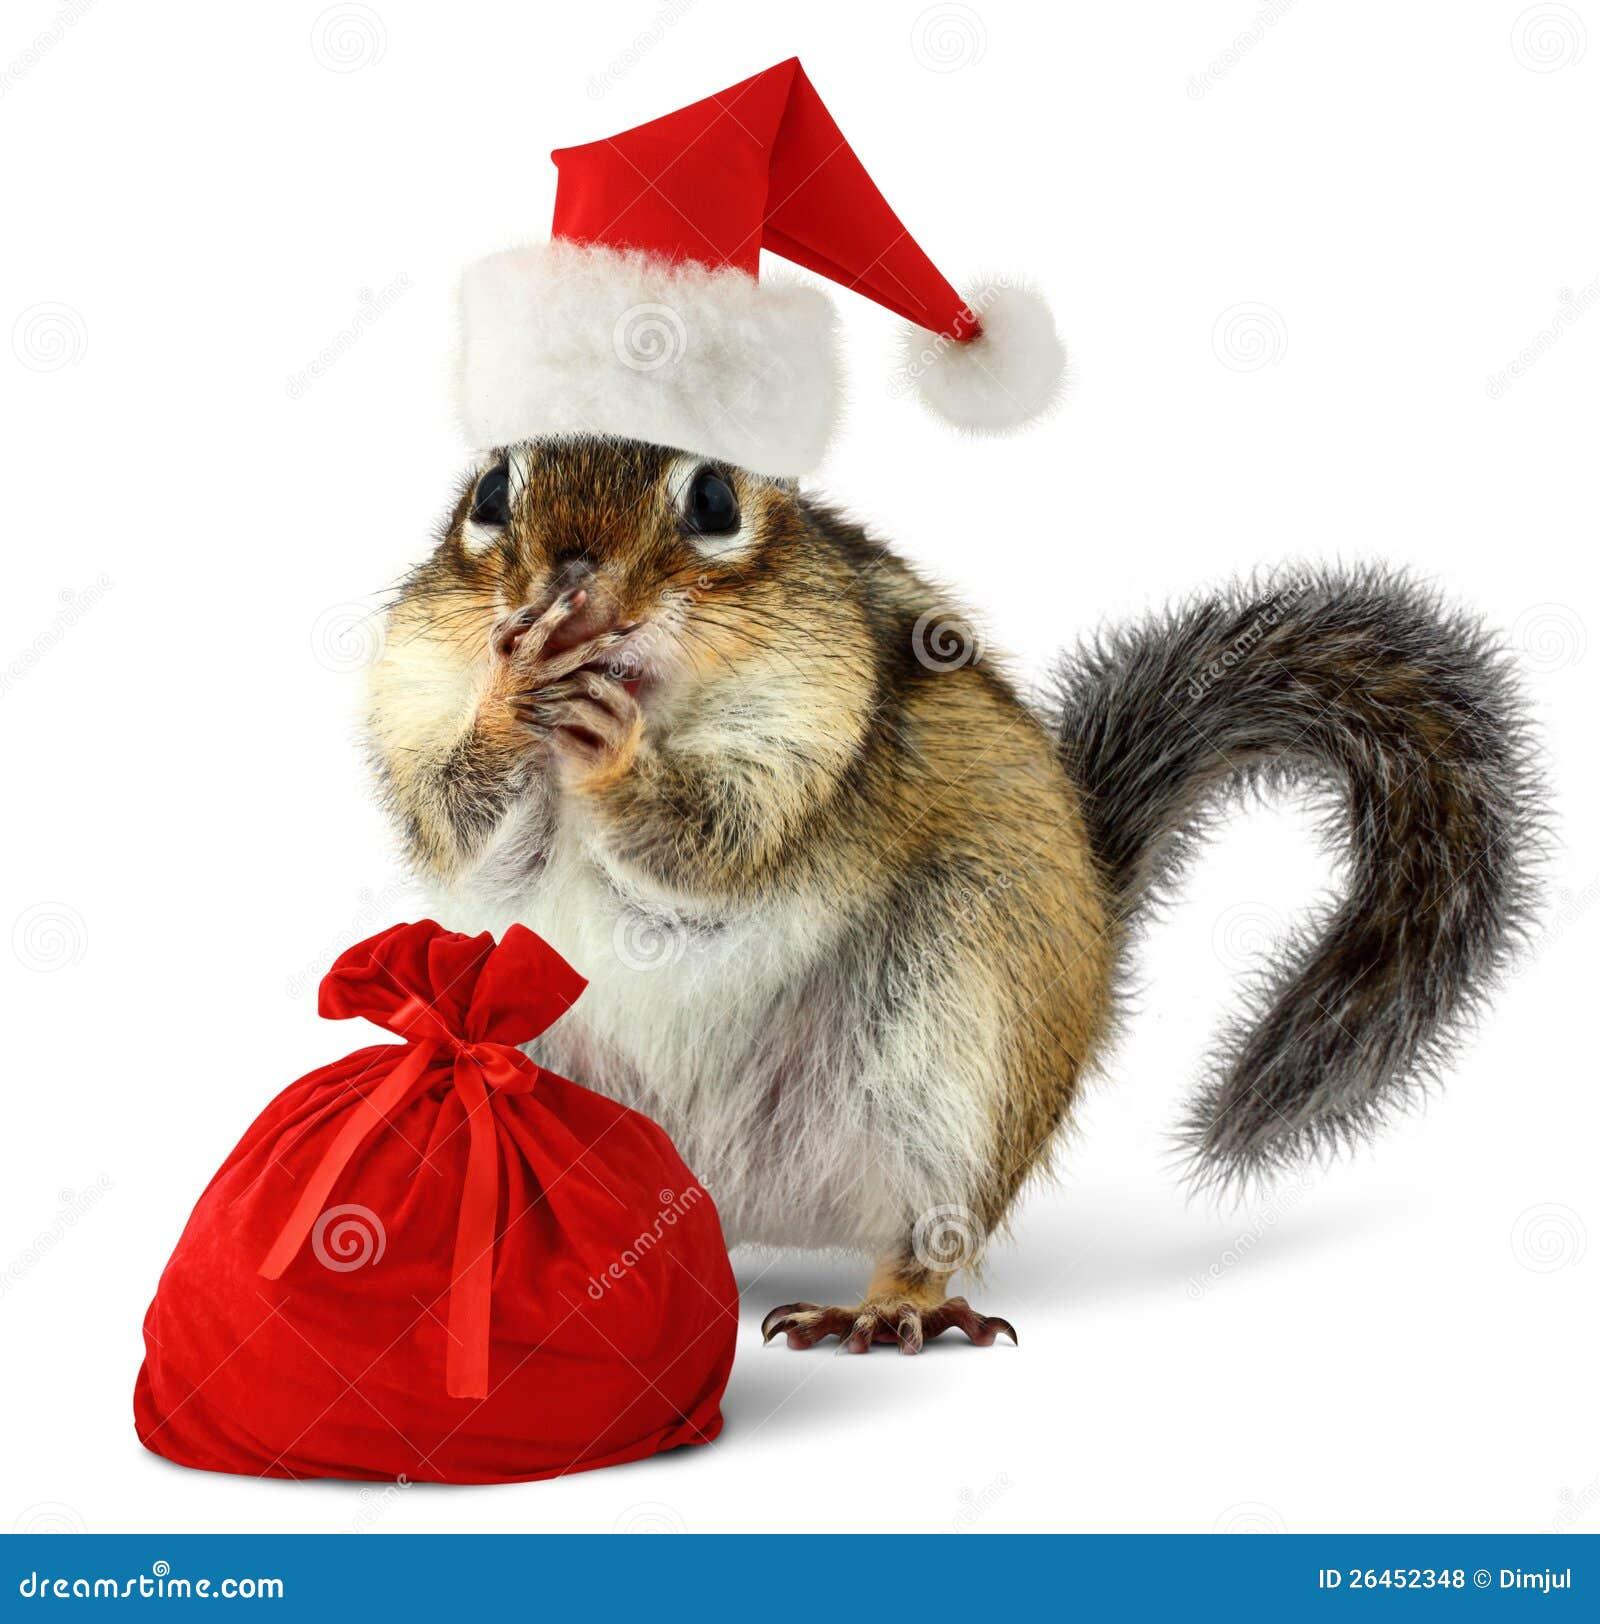 El Chipmunk en el sombrero rojo de Papá Noel con Santas empaqueta